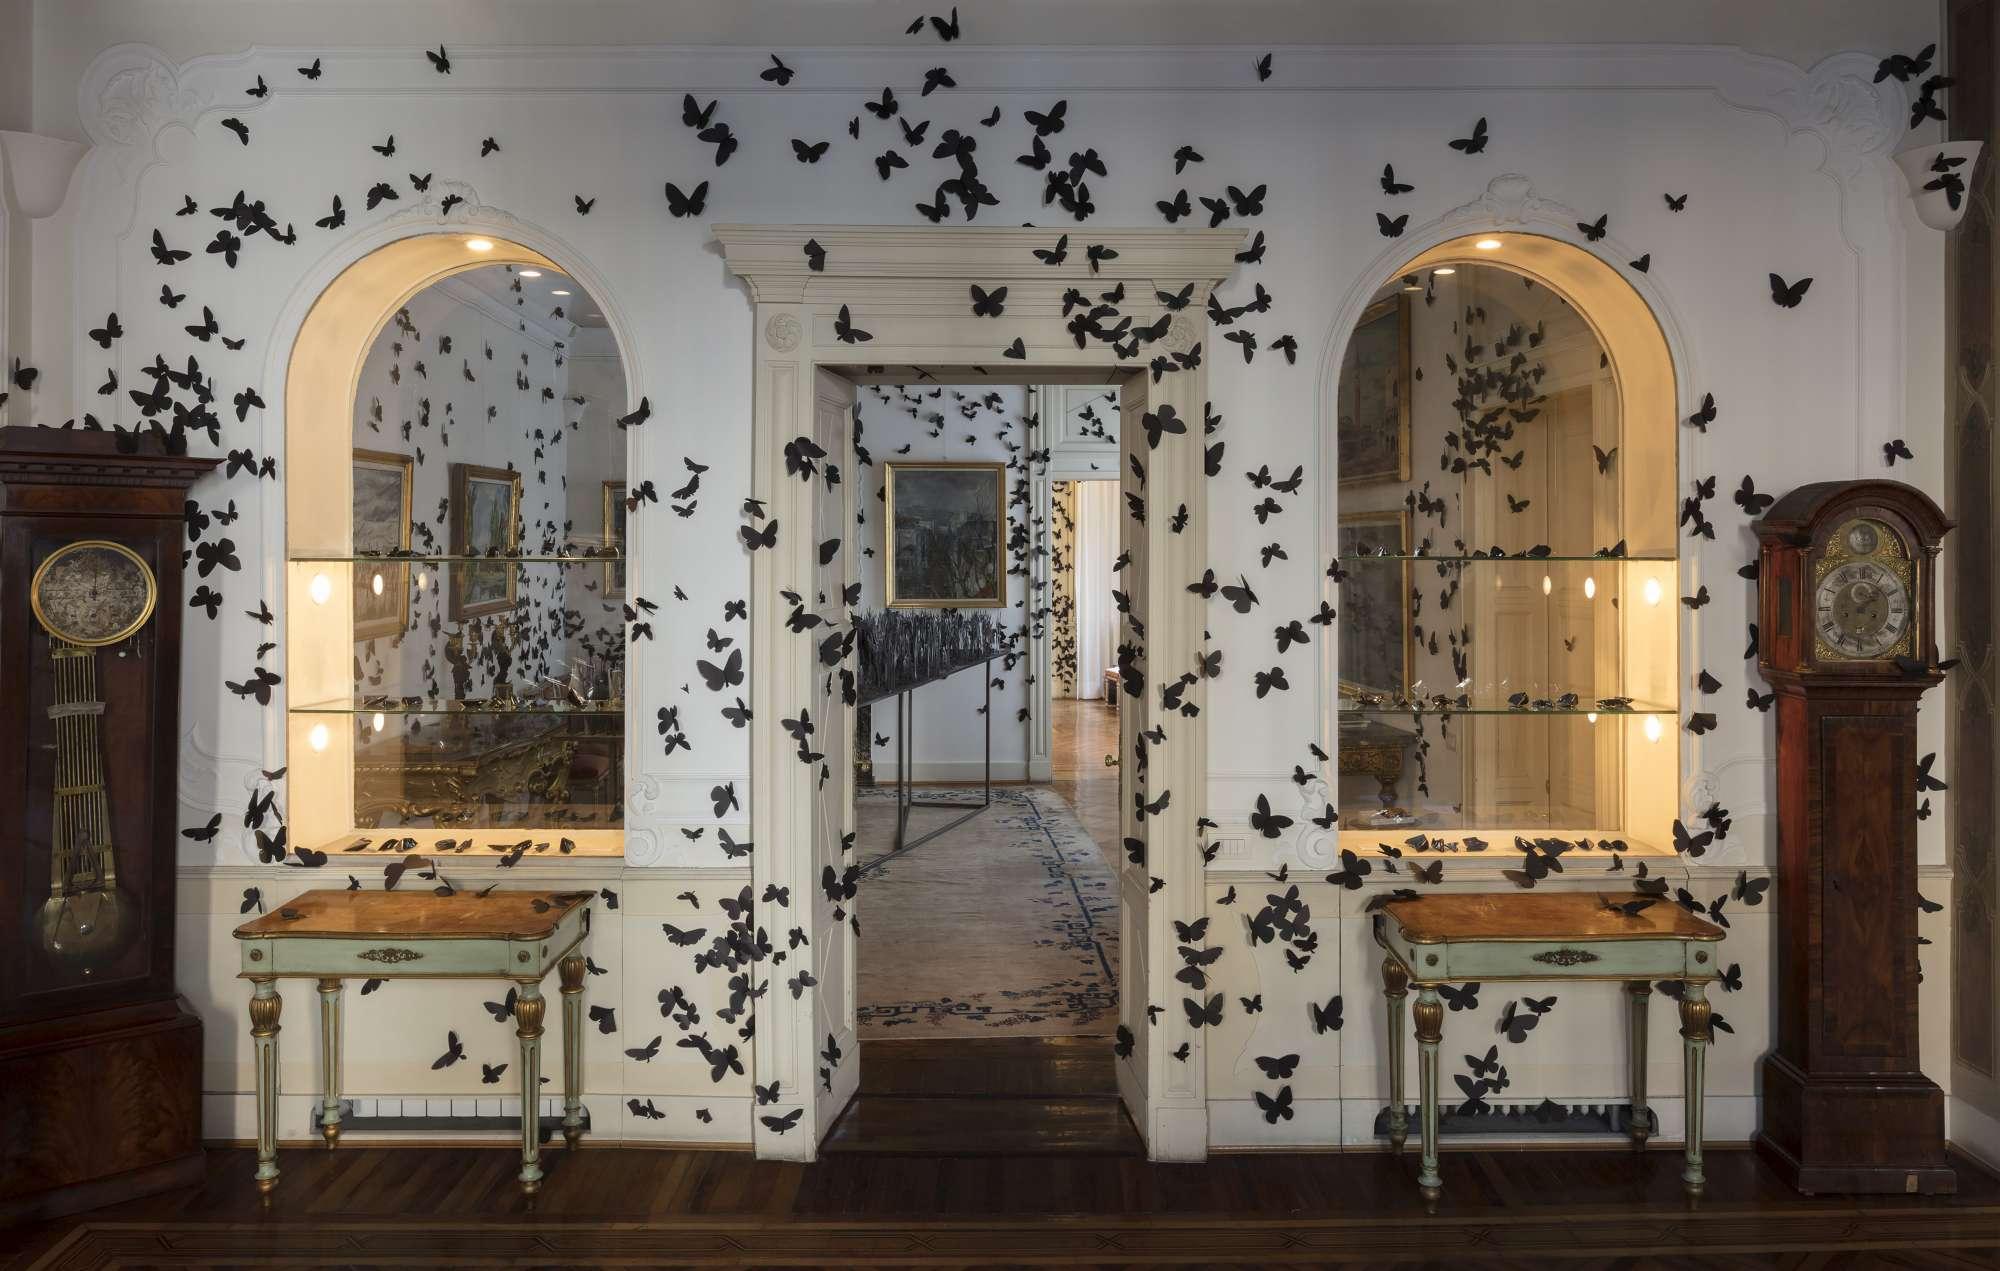 Fuorisalone, migliaia di farfalle nere invadono la Fondazione Pini